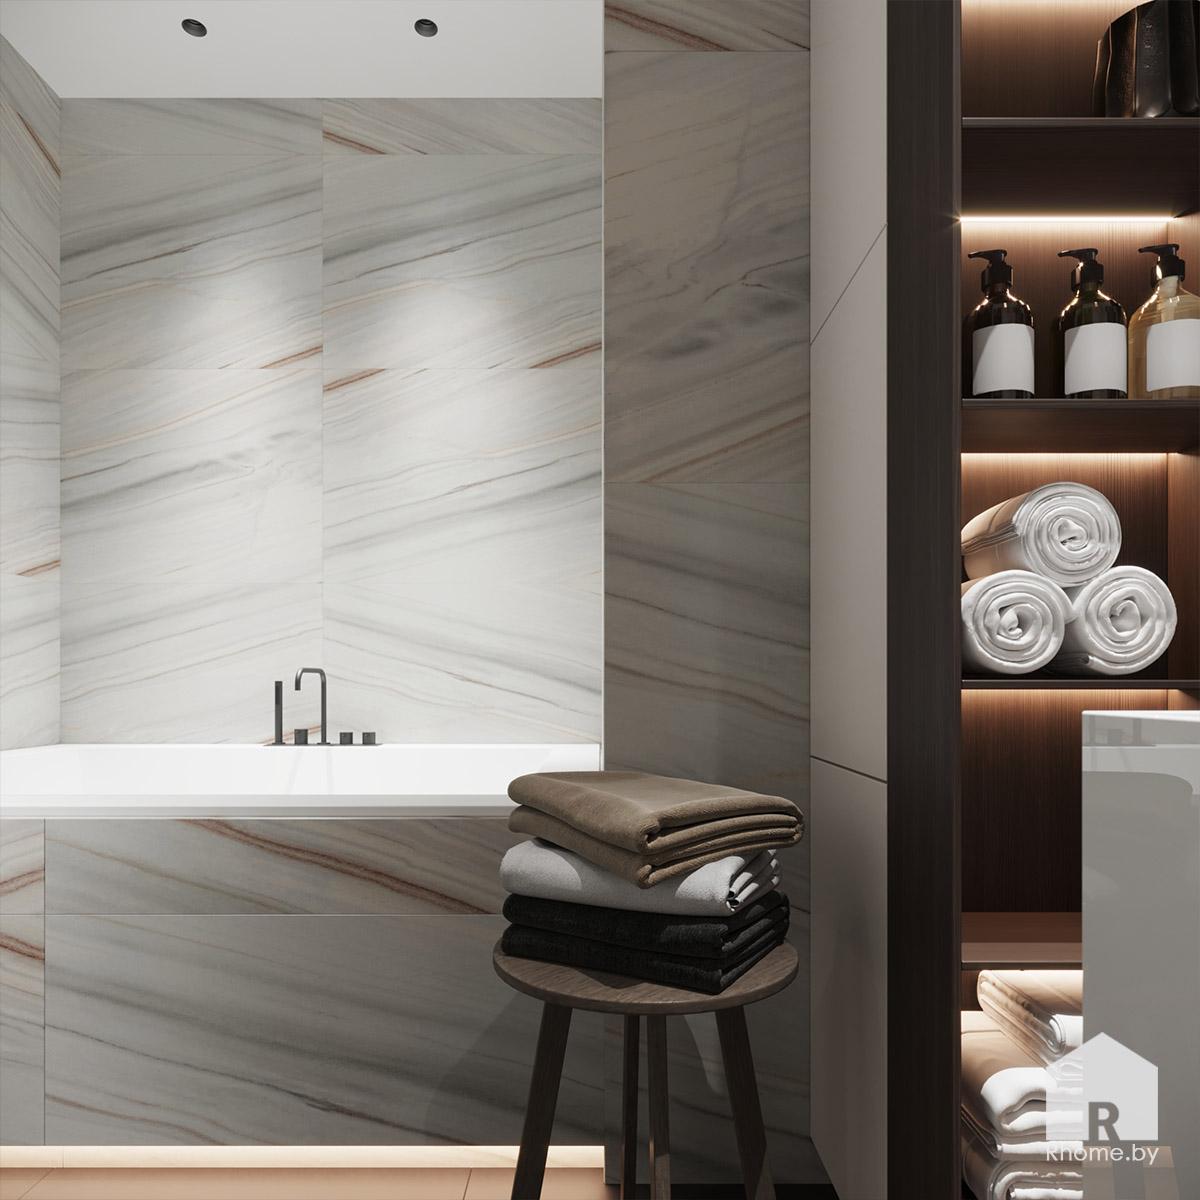 Дизайн интерьера ванной комнаты в квартире на улице Сторожевская | Дизайн студия – Rhome.by